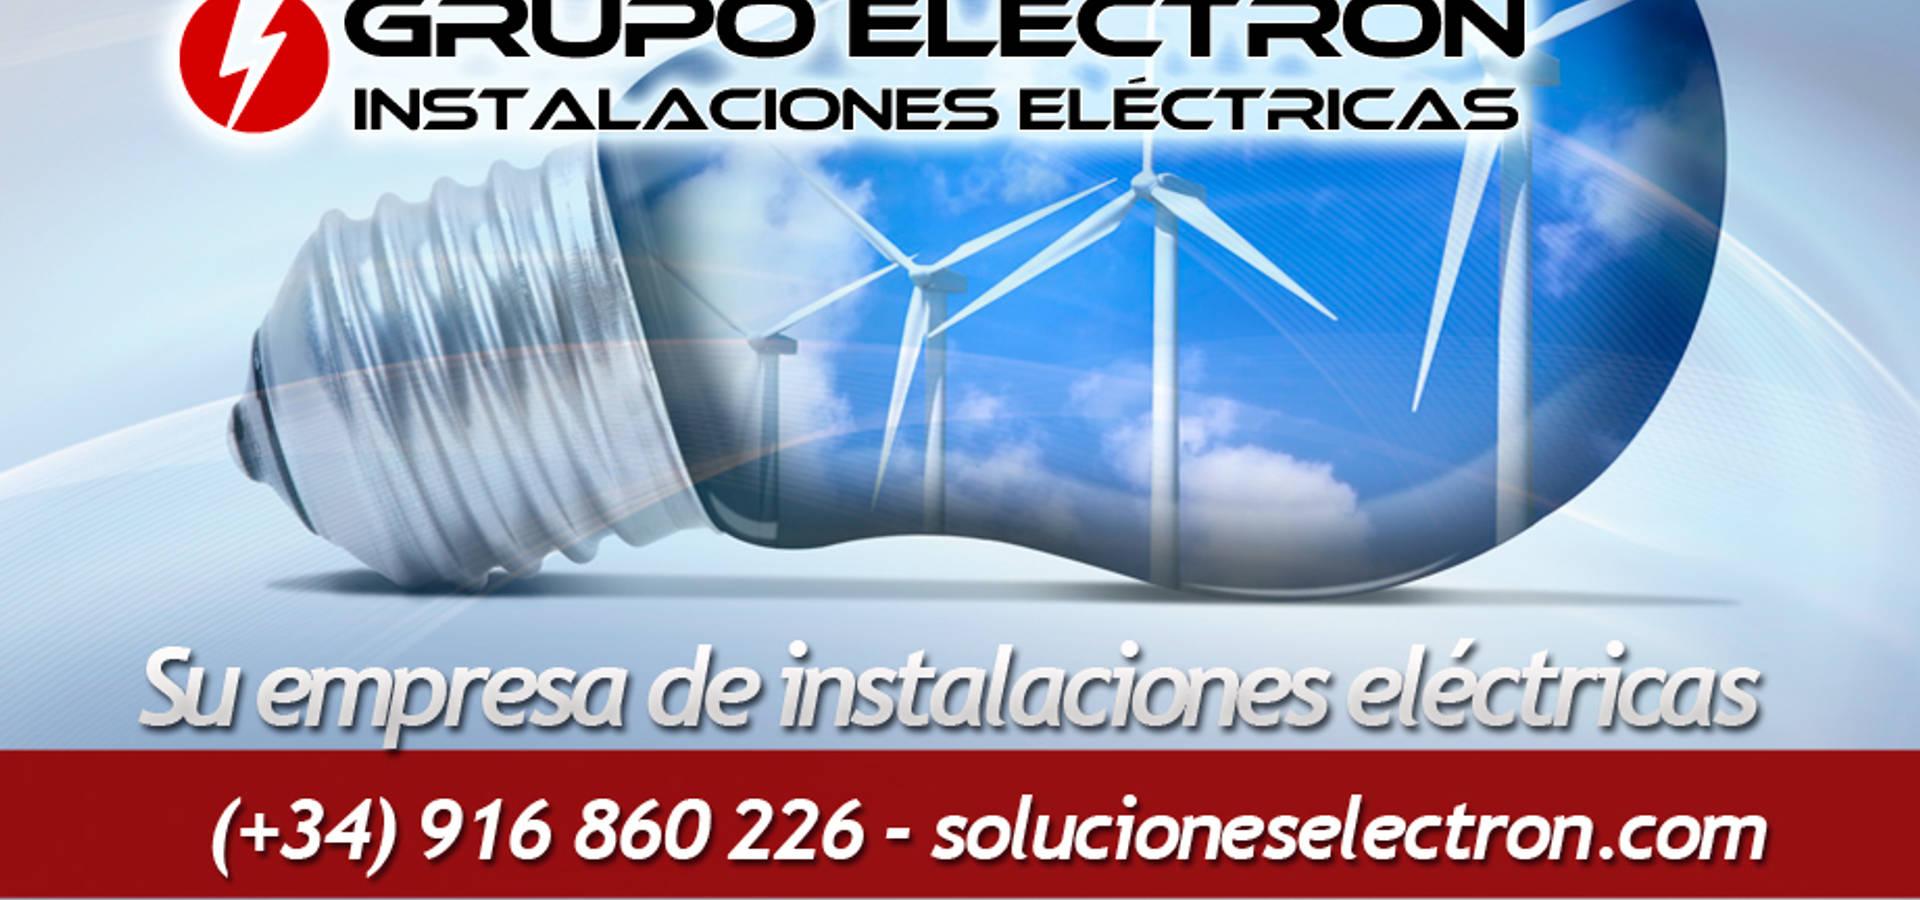 Grupo electrón – Instalaciones eléctricas